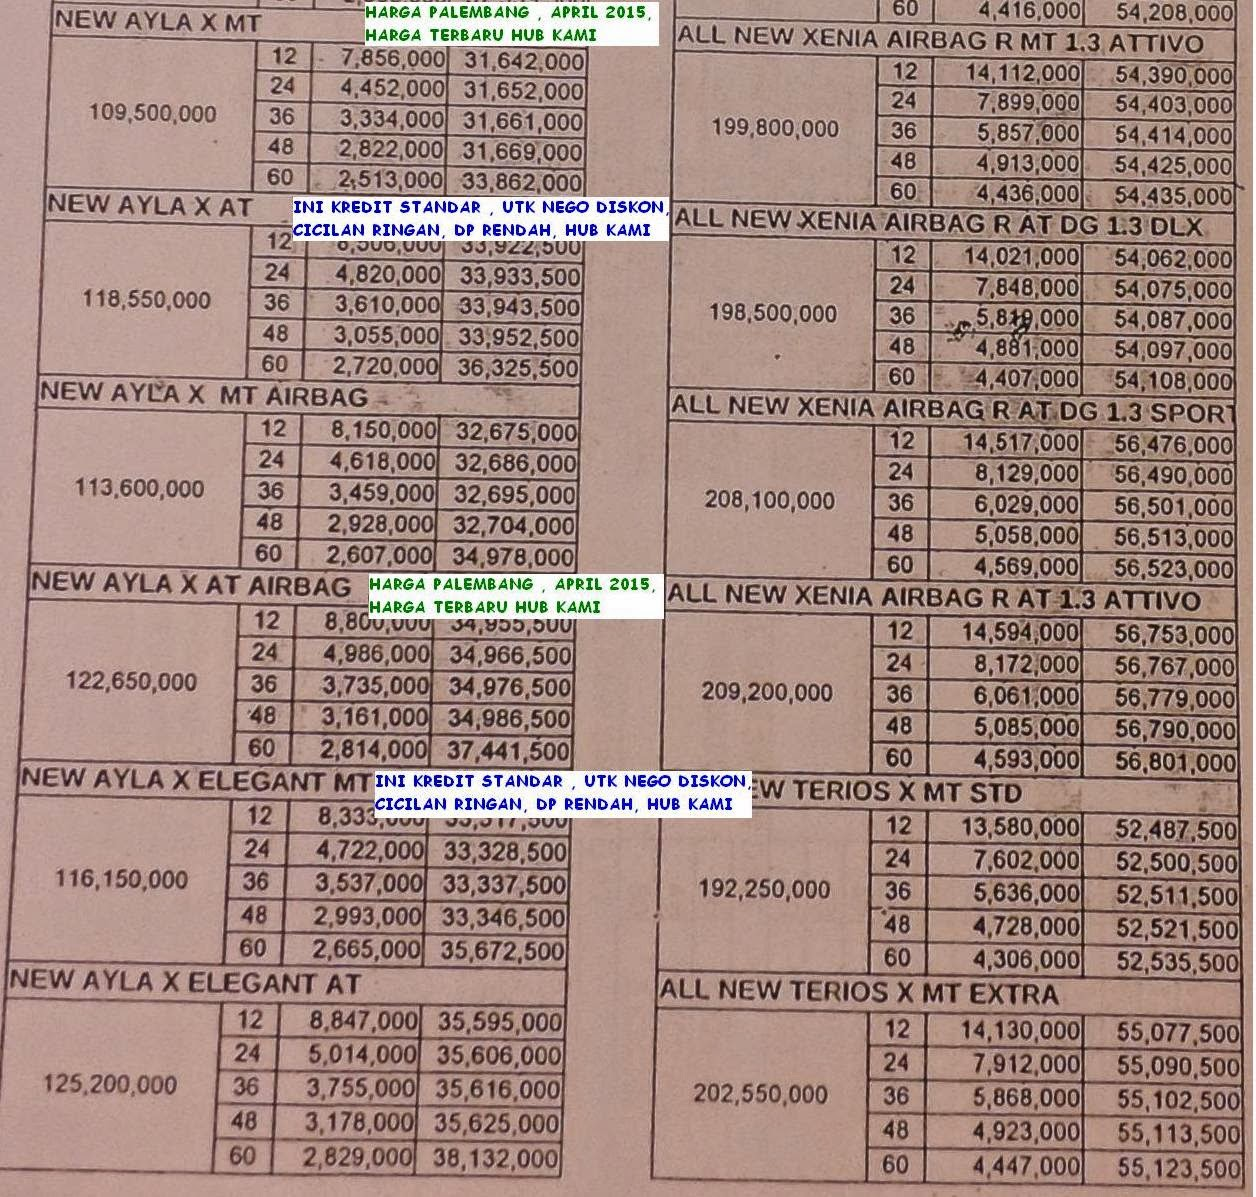 brosur kredit daihatsu palembang